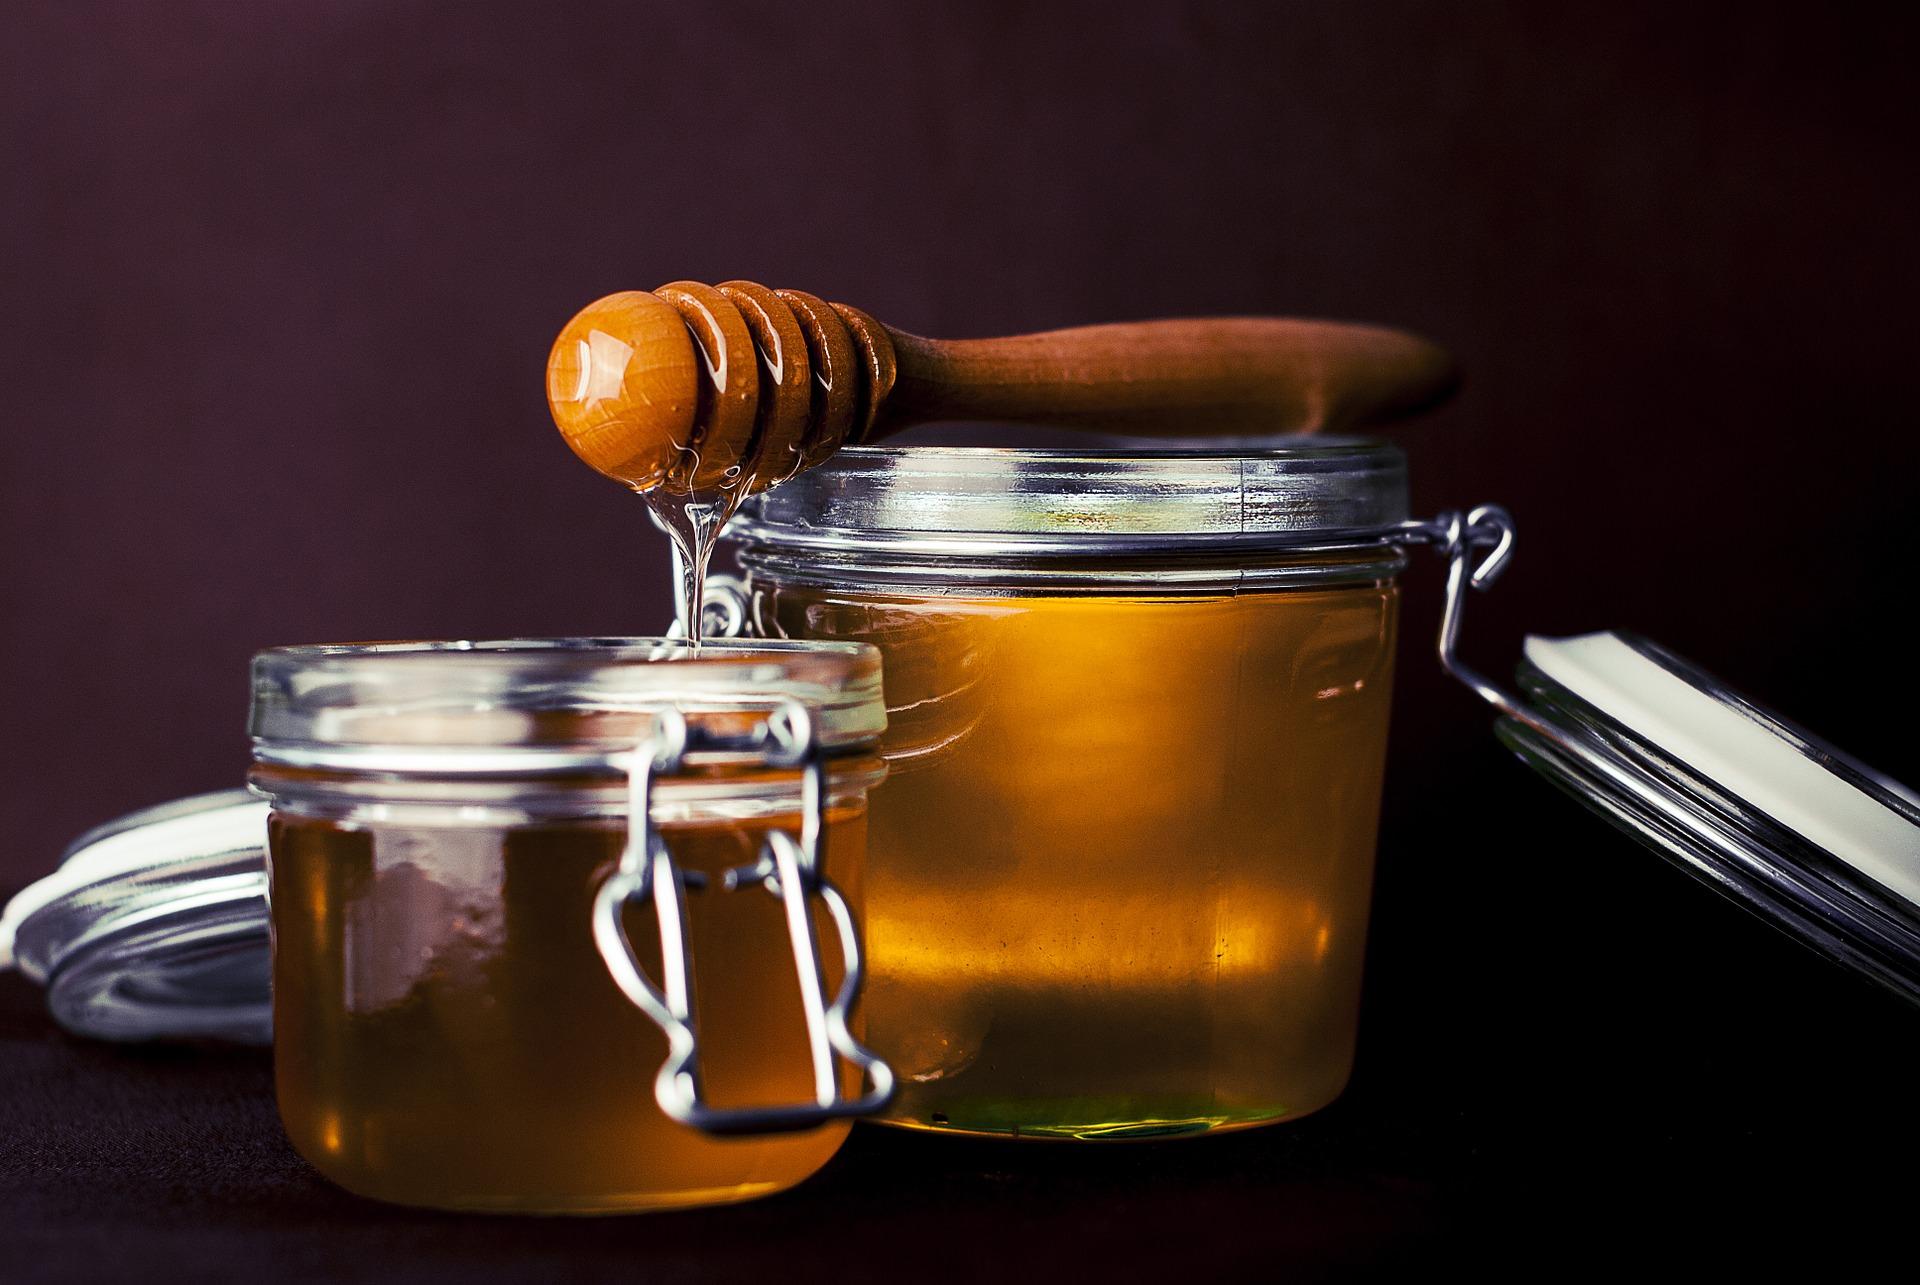 honey-823614_1920-1.jpg